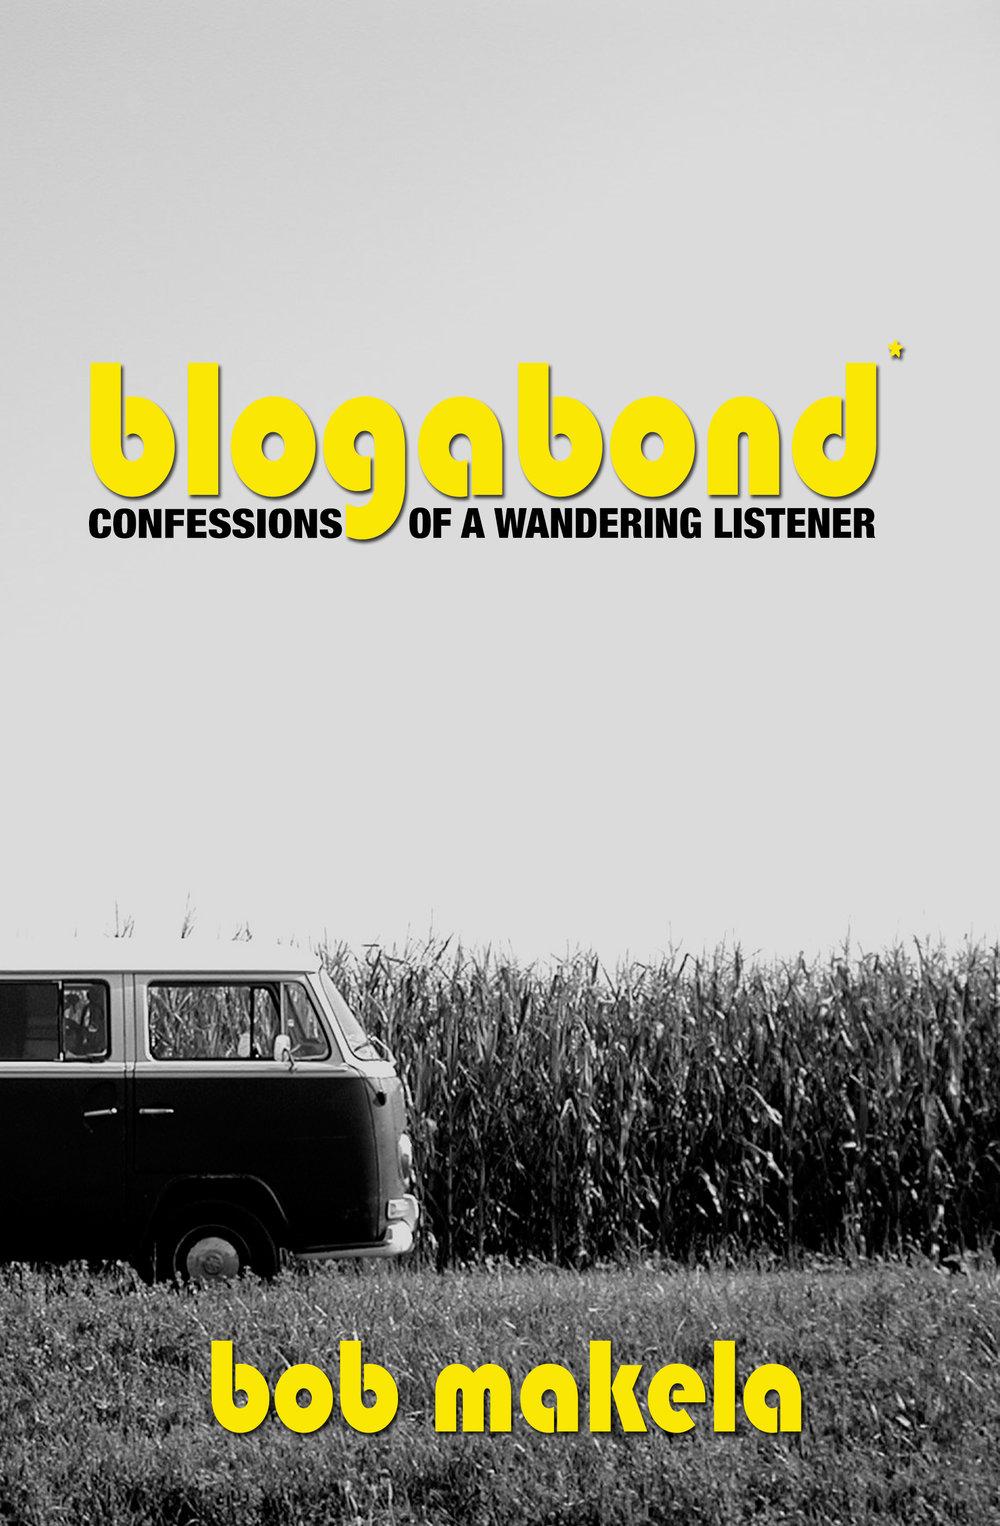 BlogabondAvatar1.jpg